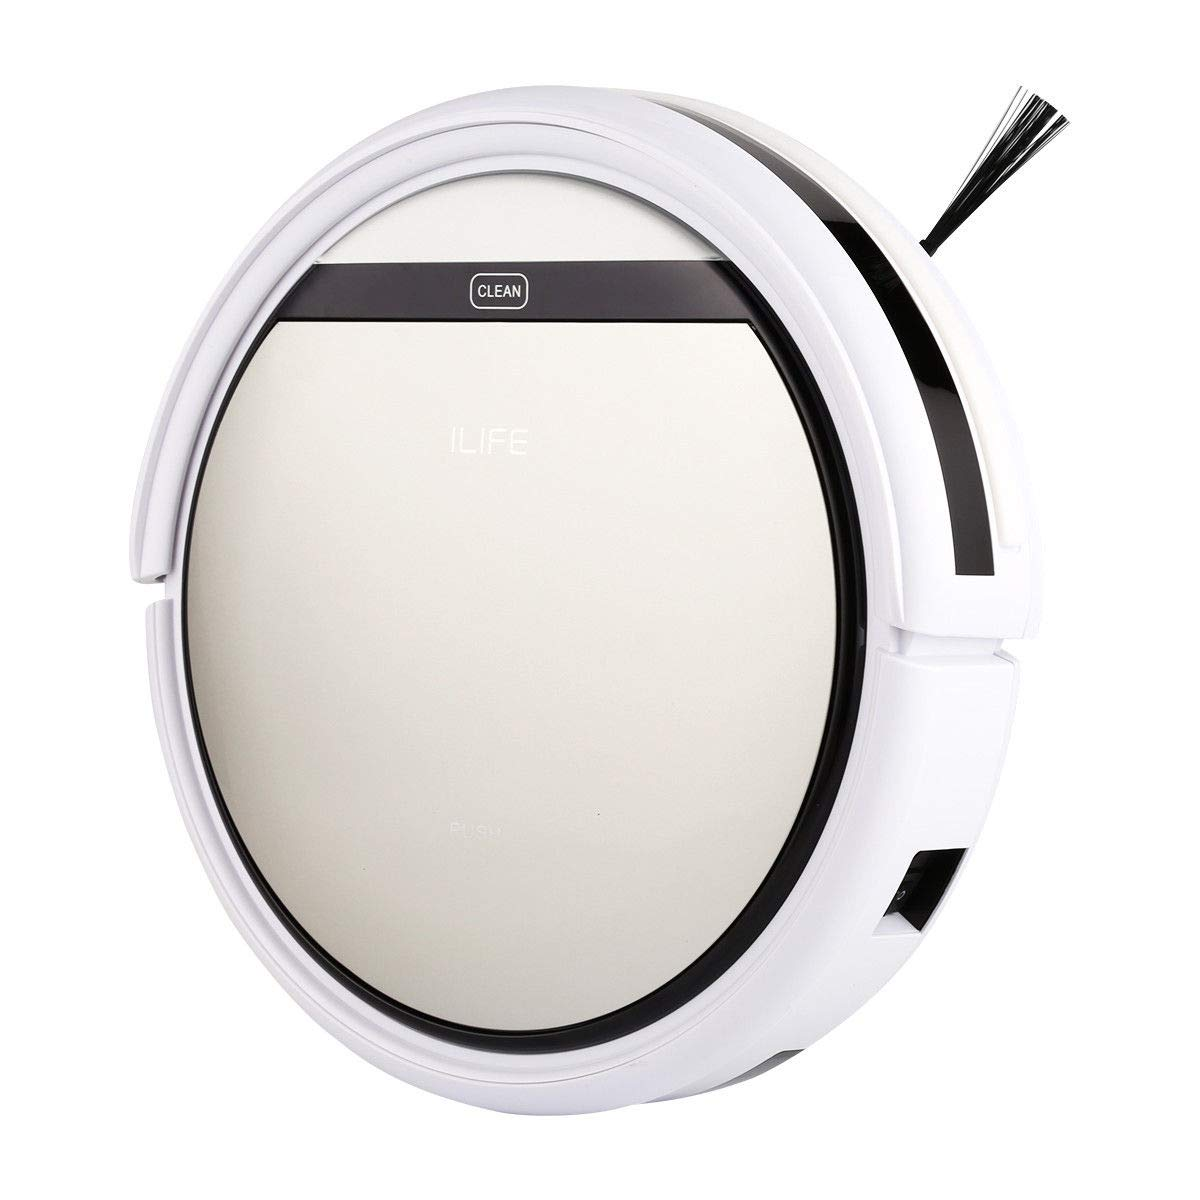 iLife V5 Aspiradora Robot limpiasuelos Smart Cleaner mando a ...